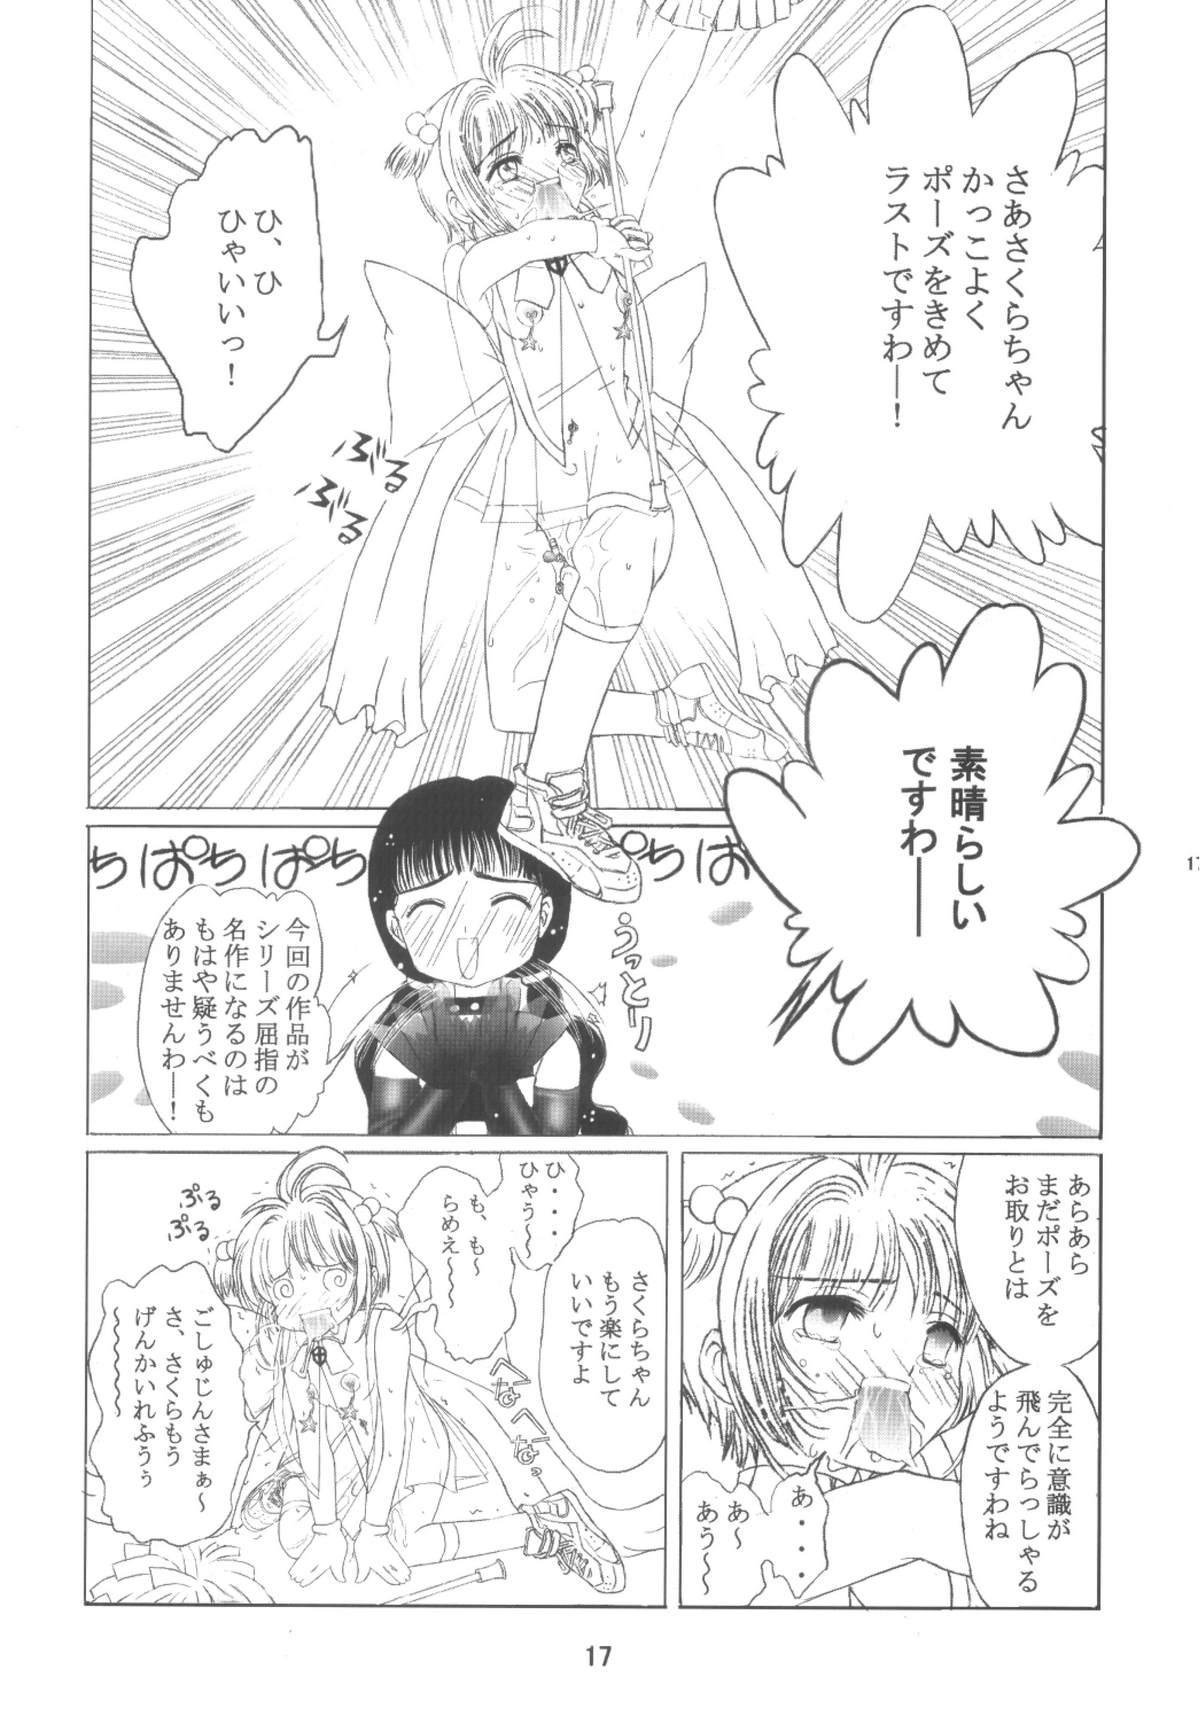 Kuuronziyou 10 Sakura-chan de Asobou 5 16